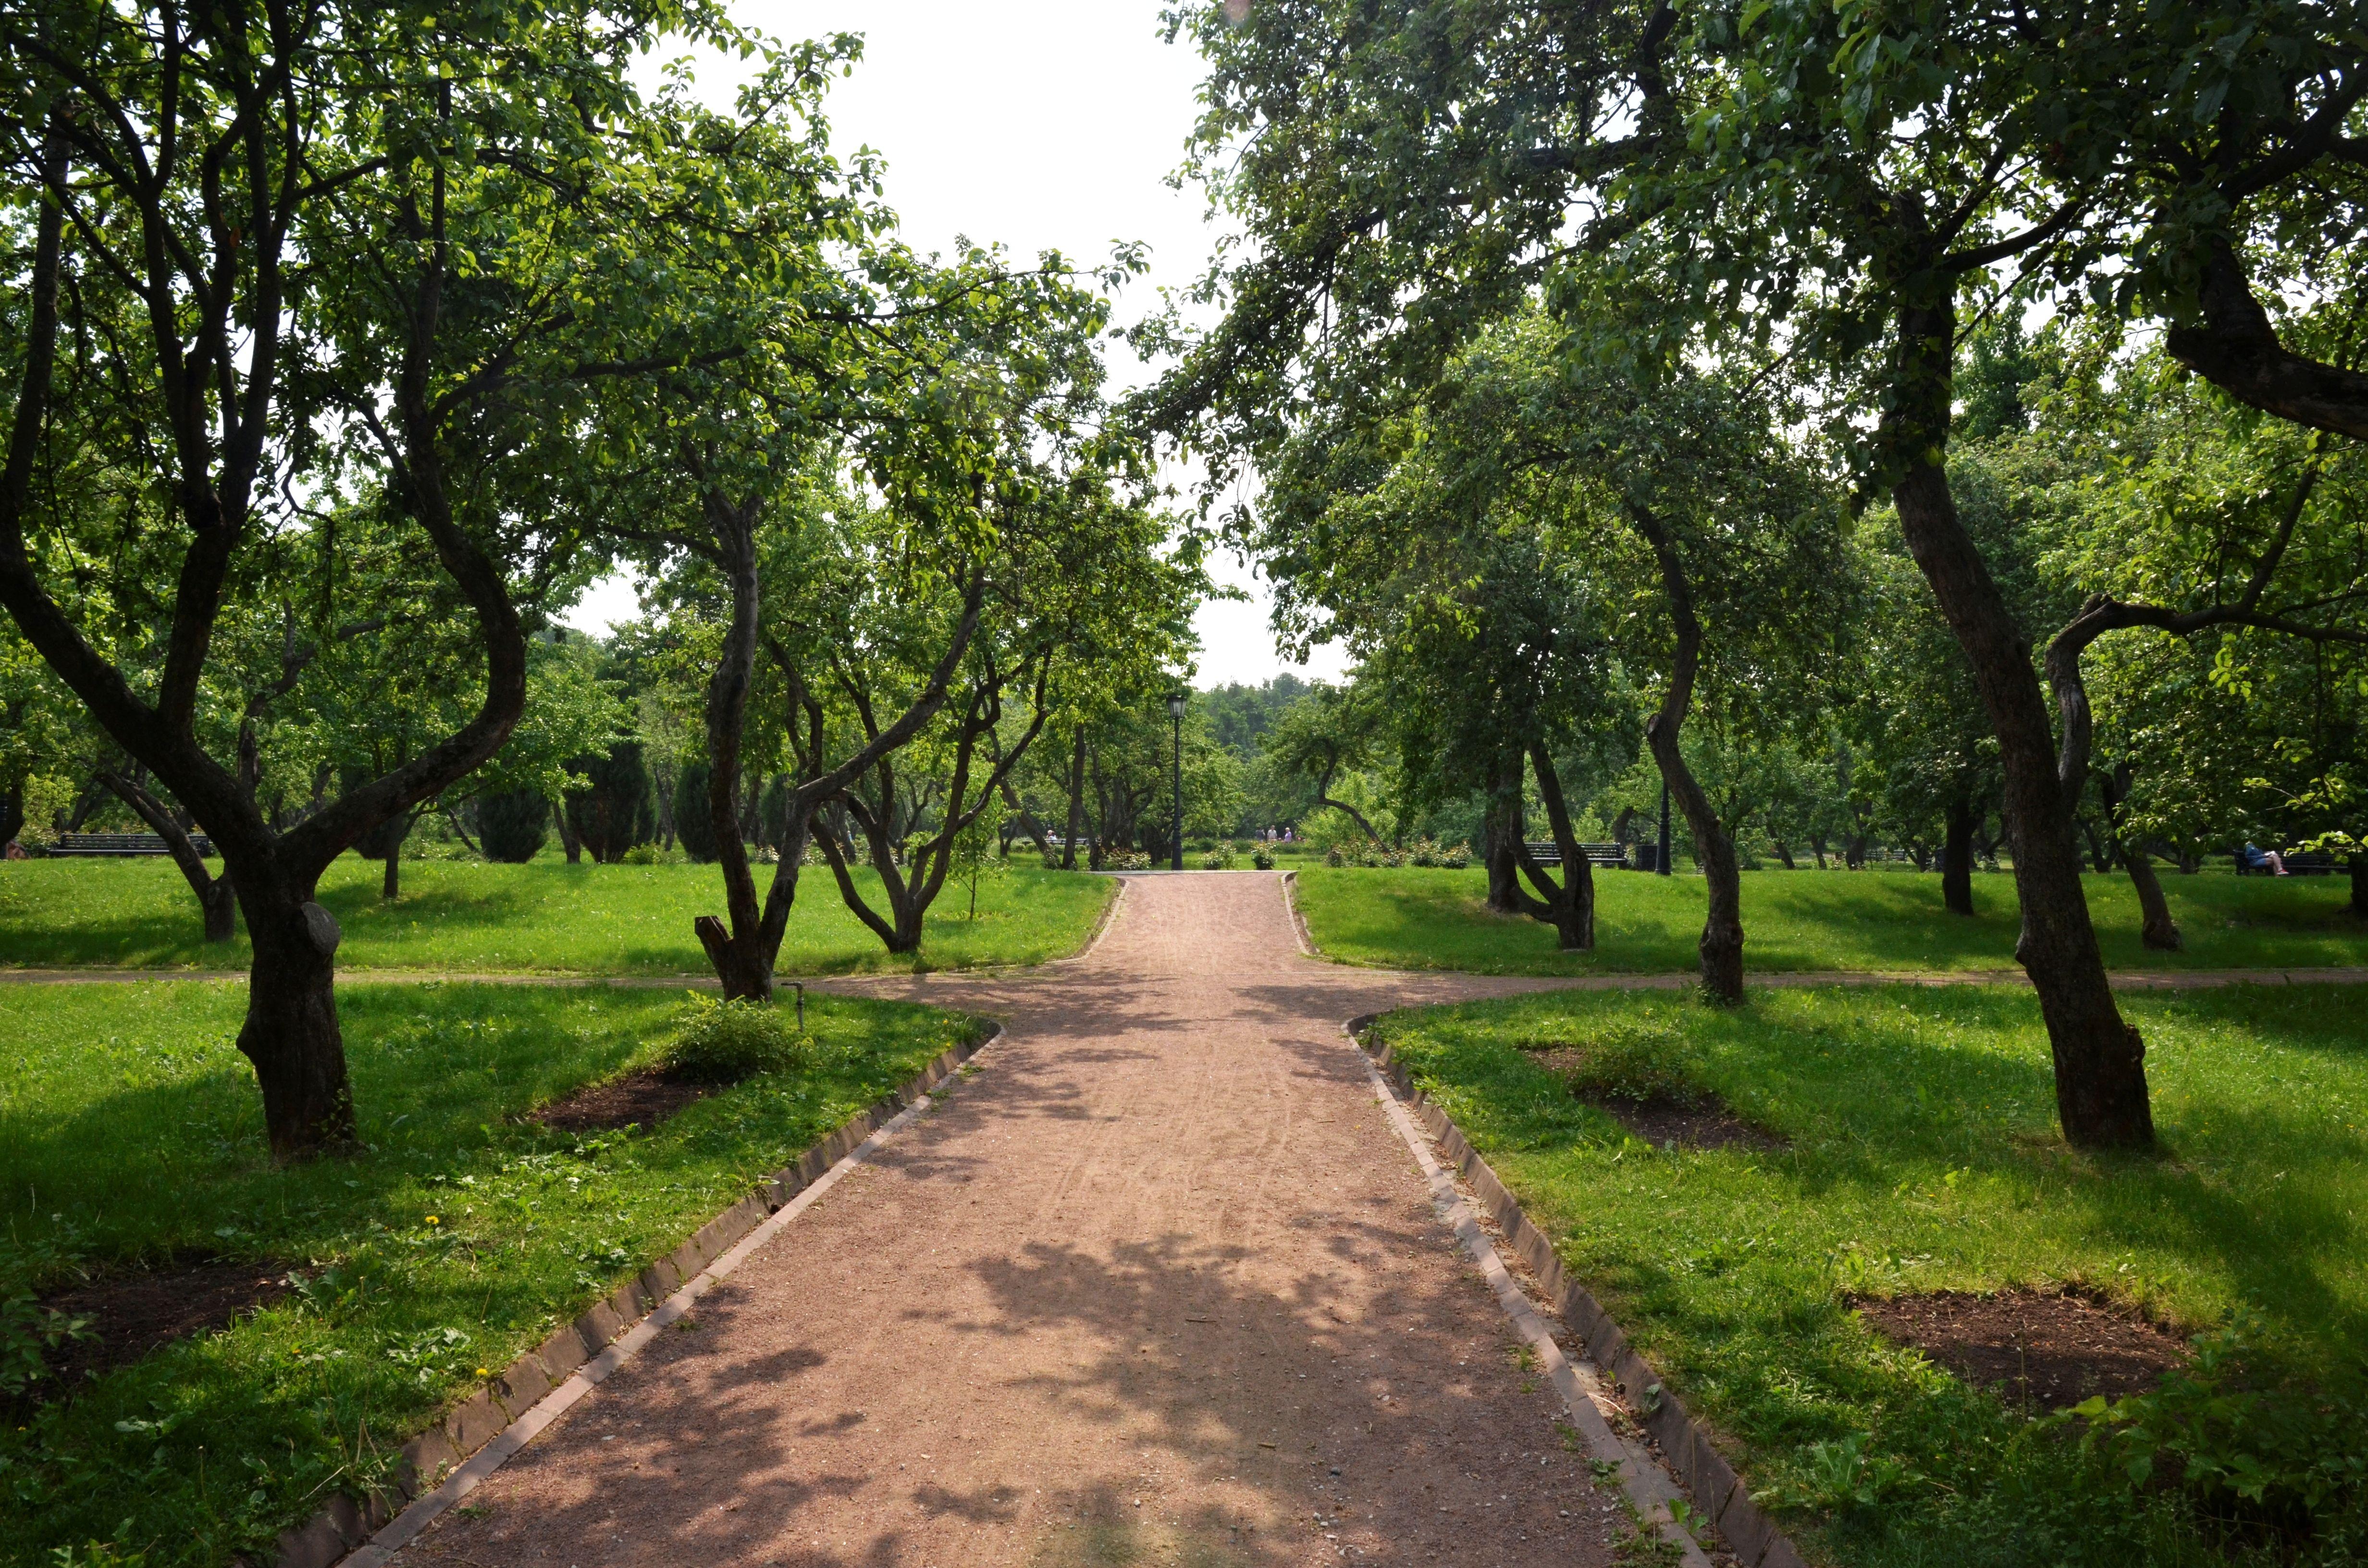 С 1 июня в Москве разрешат прогулки и спорт на свежем воздухе